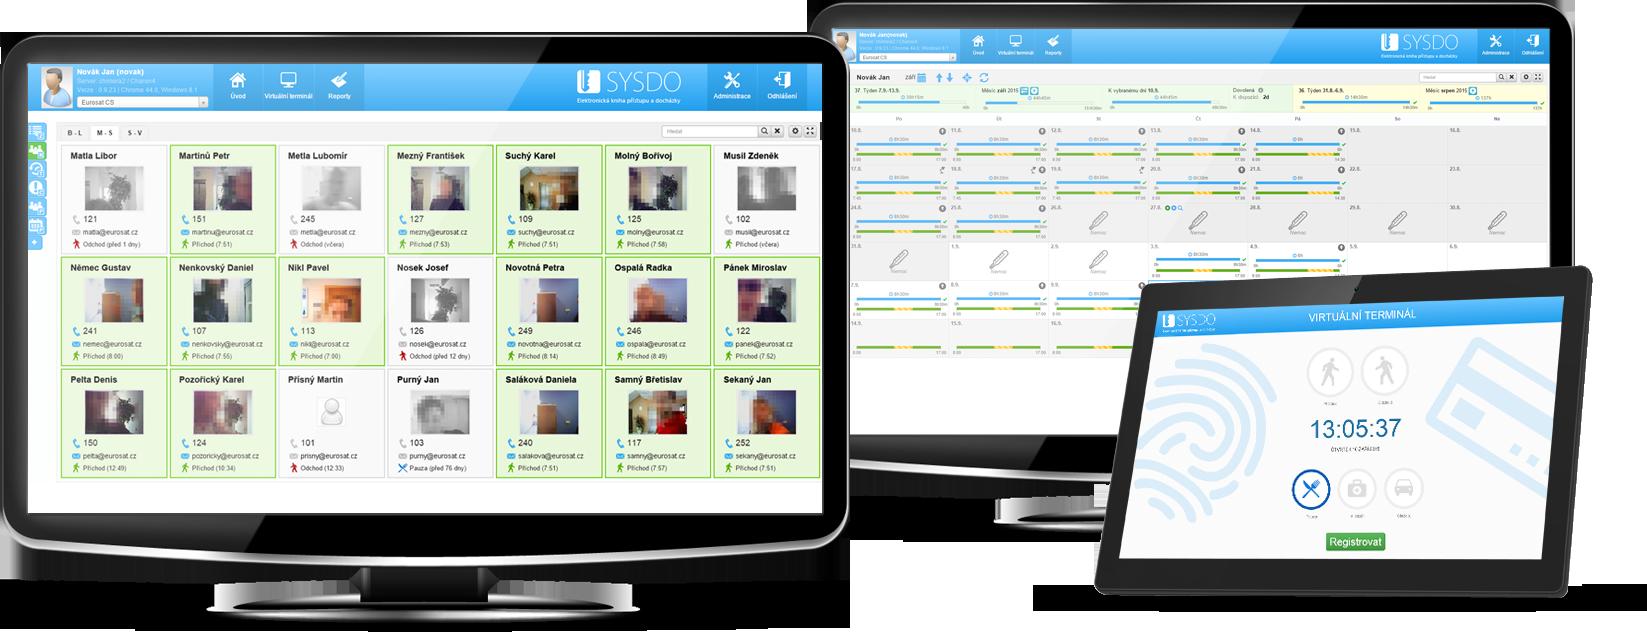 Docházkový systém SYSDO - různé platformy